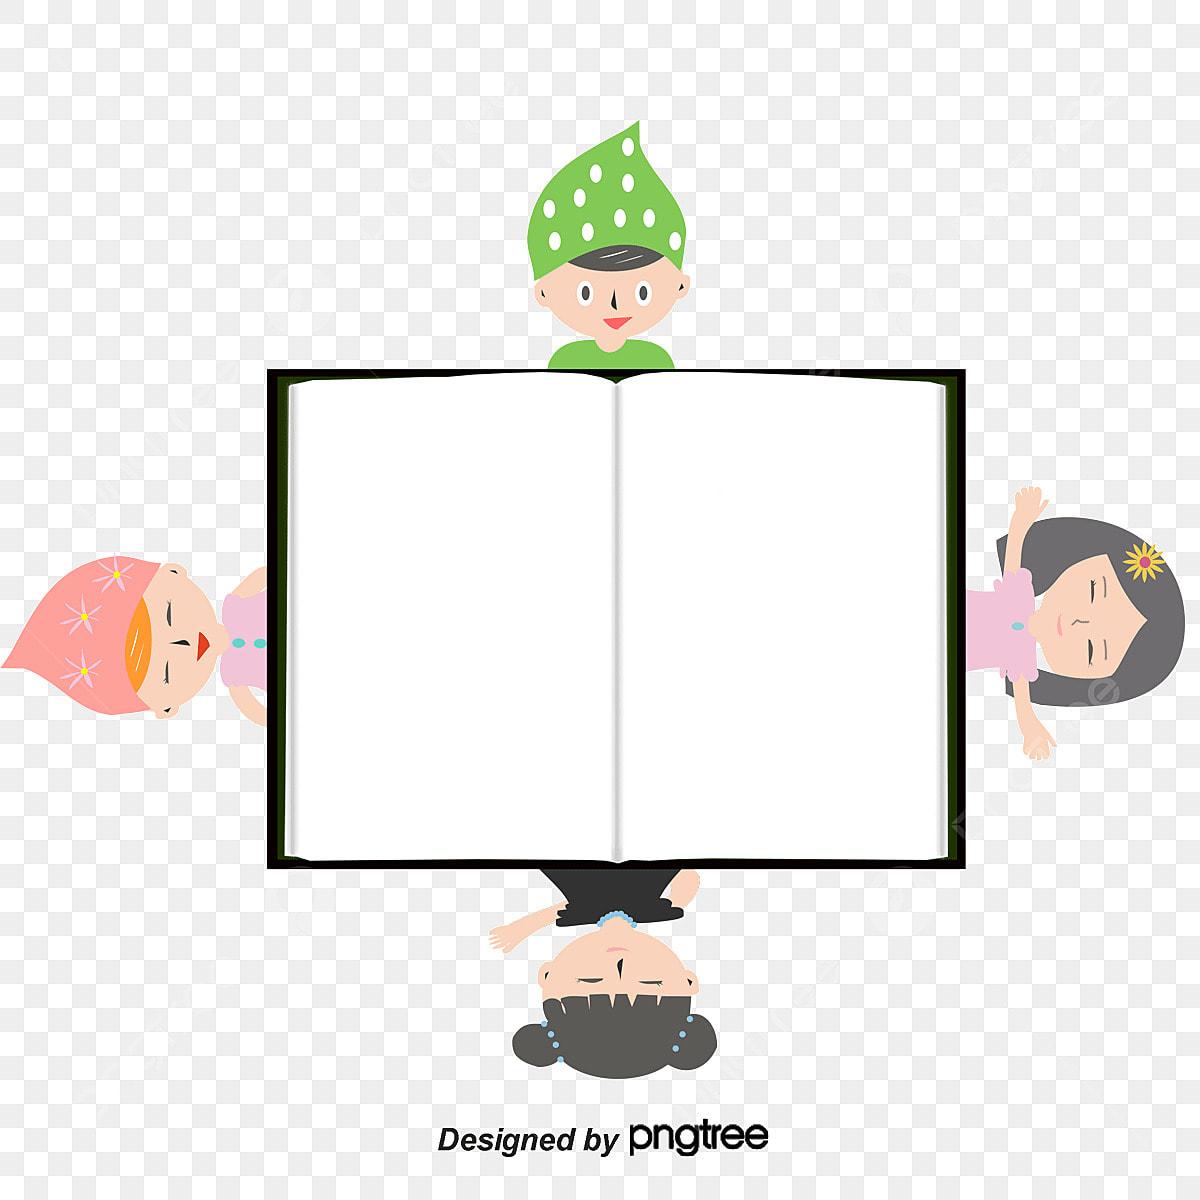 ناقلات كتاب فارغ والاطفال كتاب قصاصات فنية فارغ Png وملف Psd للتحميل مجانا